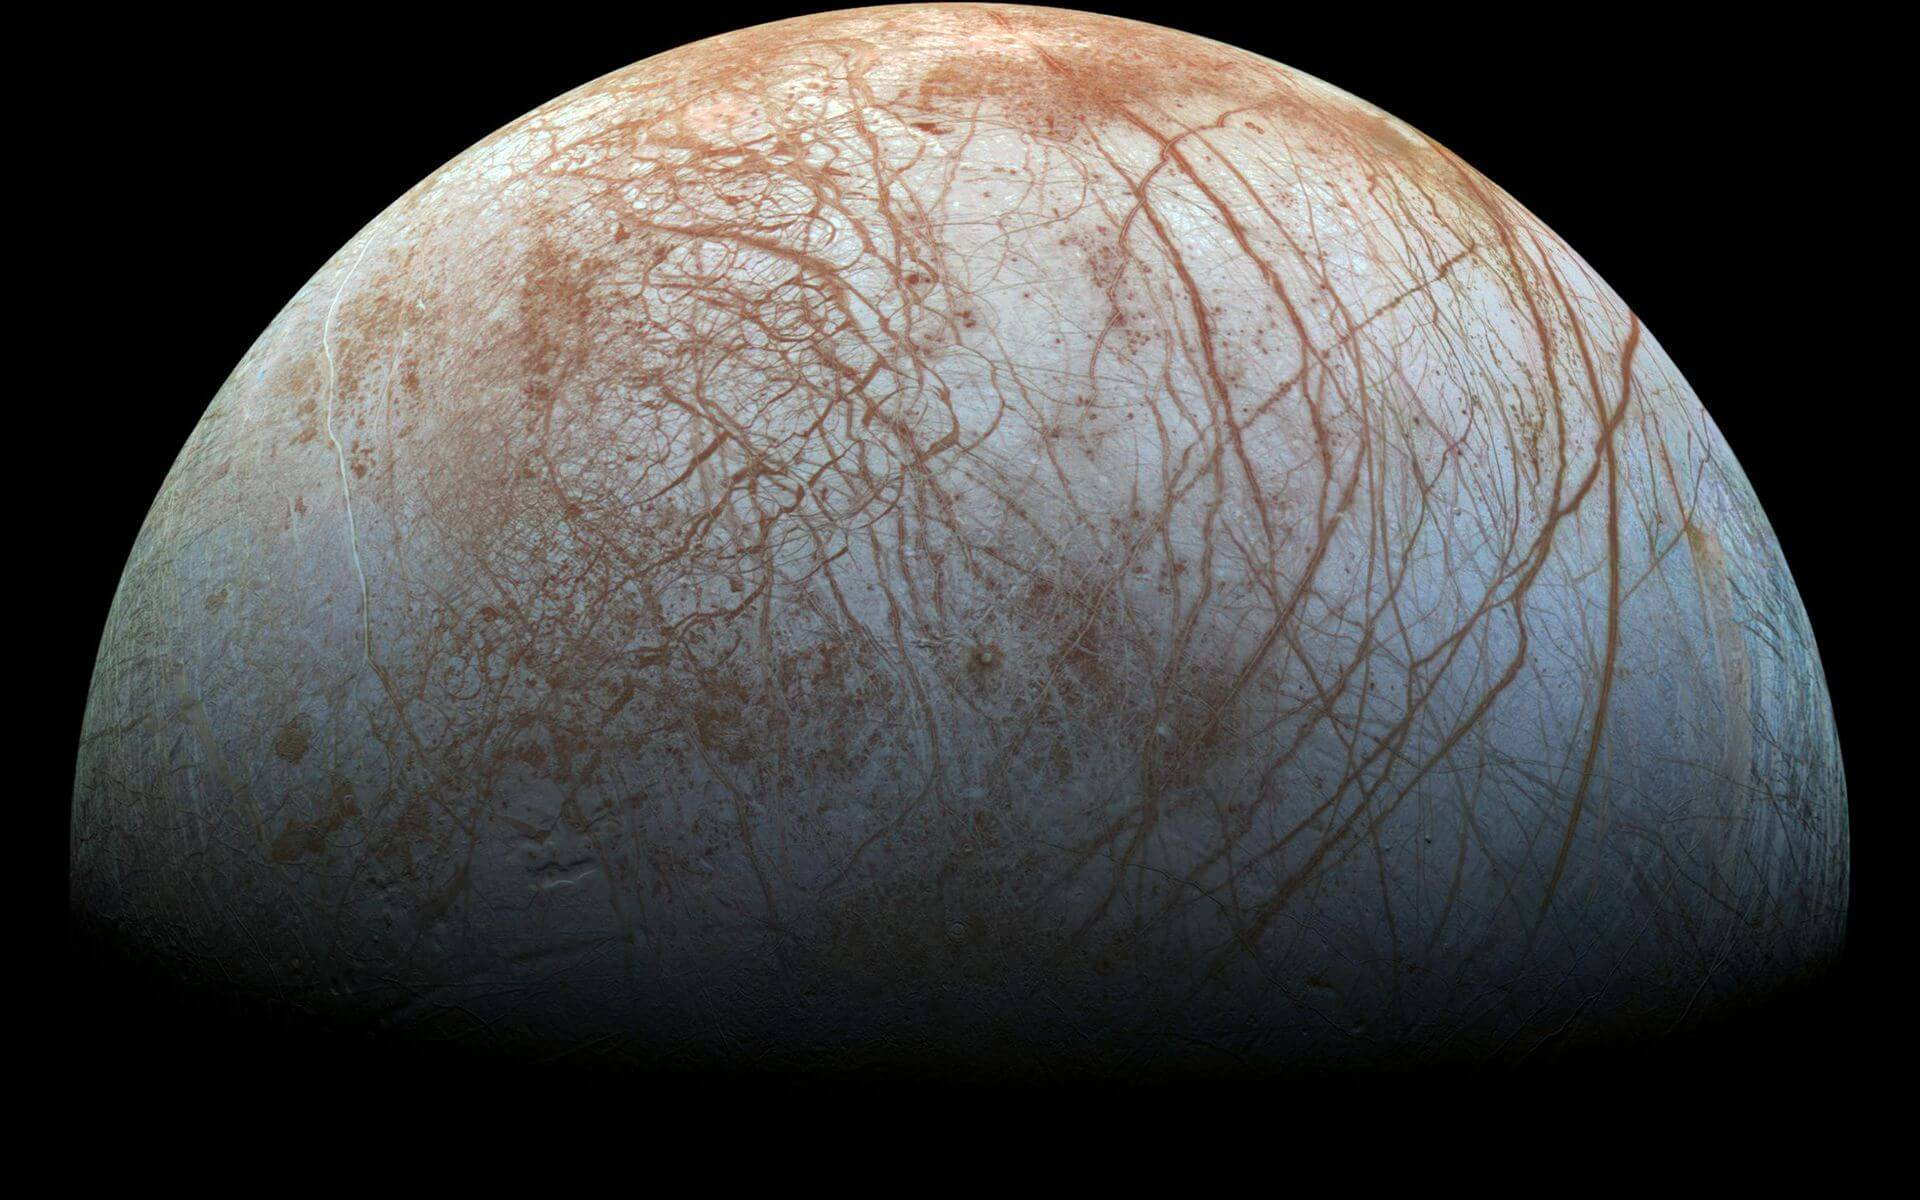 Удивительная фотография поверхности шестого спутника Юпитера